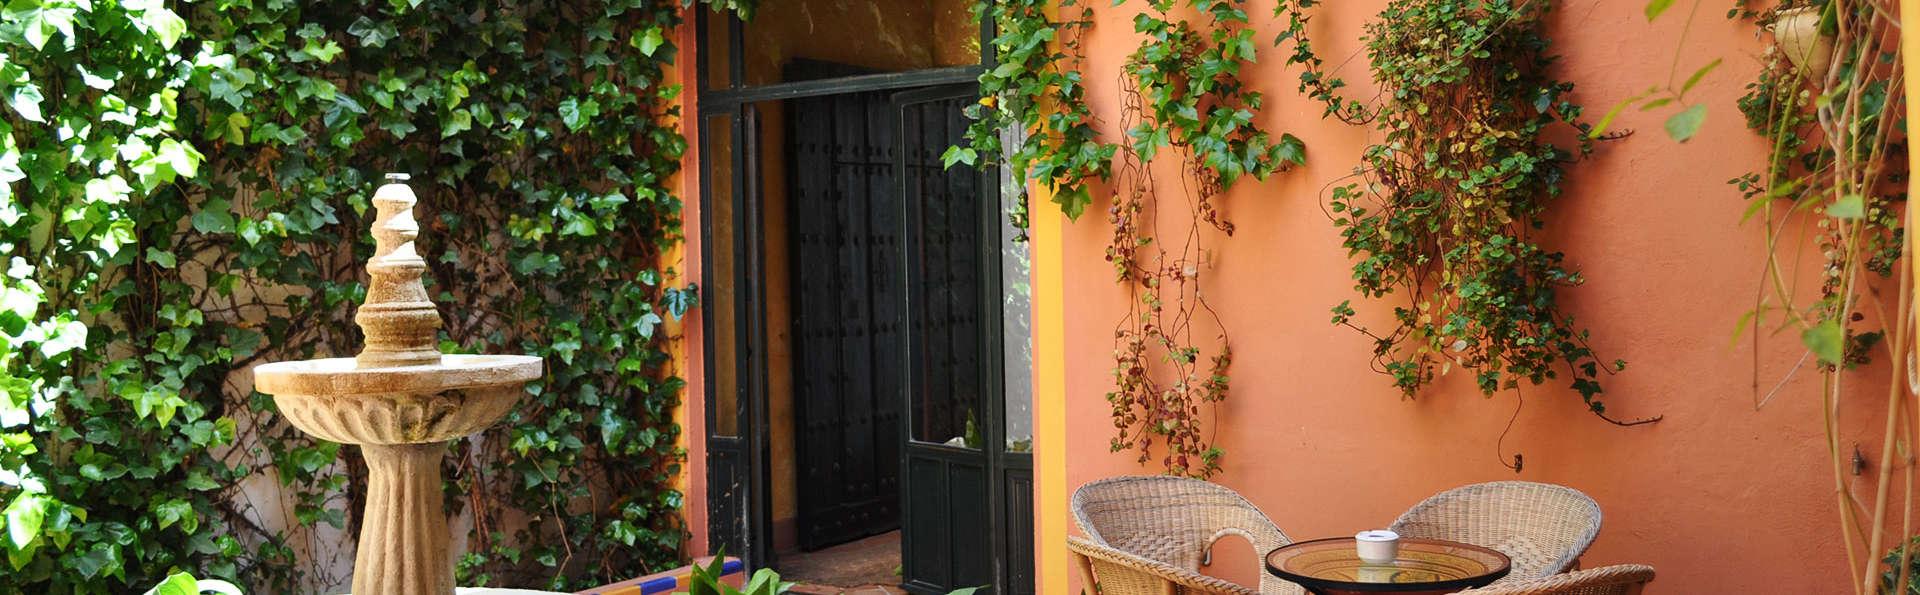 El Rincón de las Descalzas - EDIT_patio1.jpg